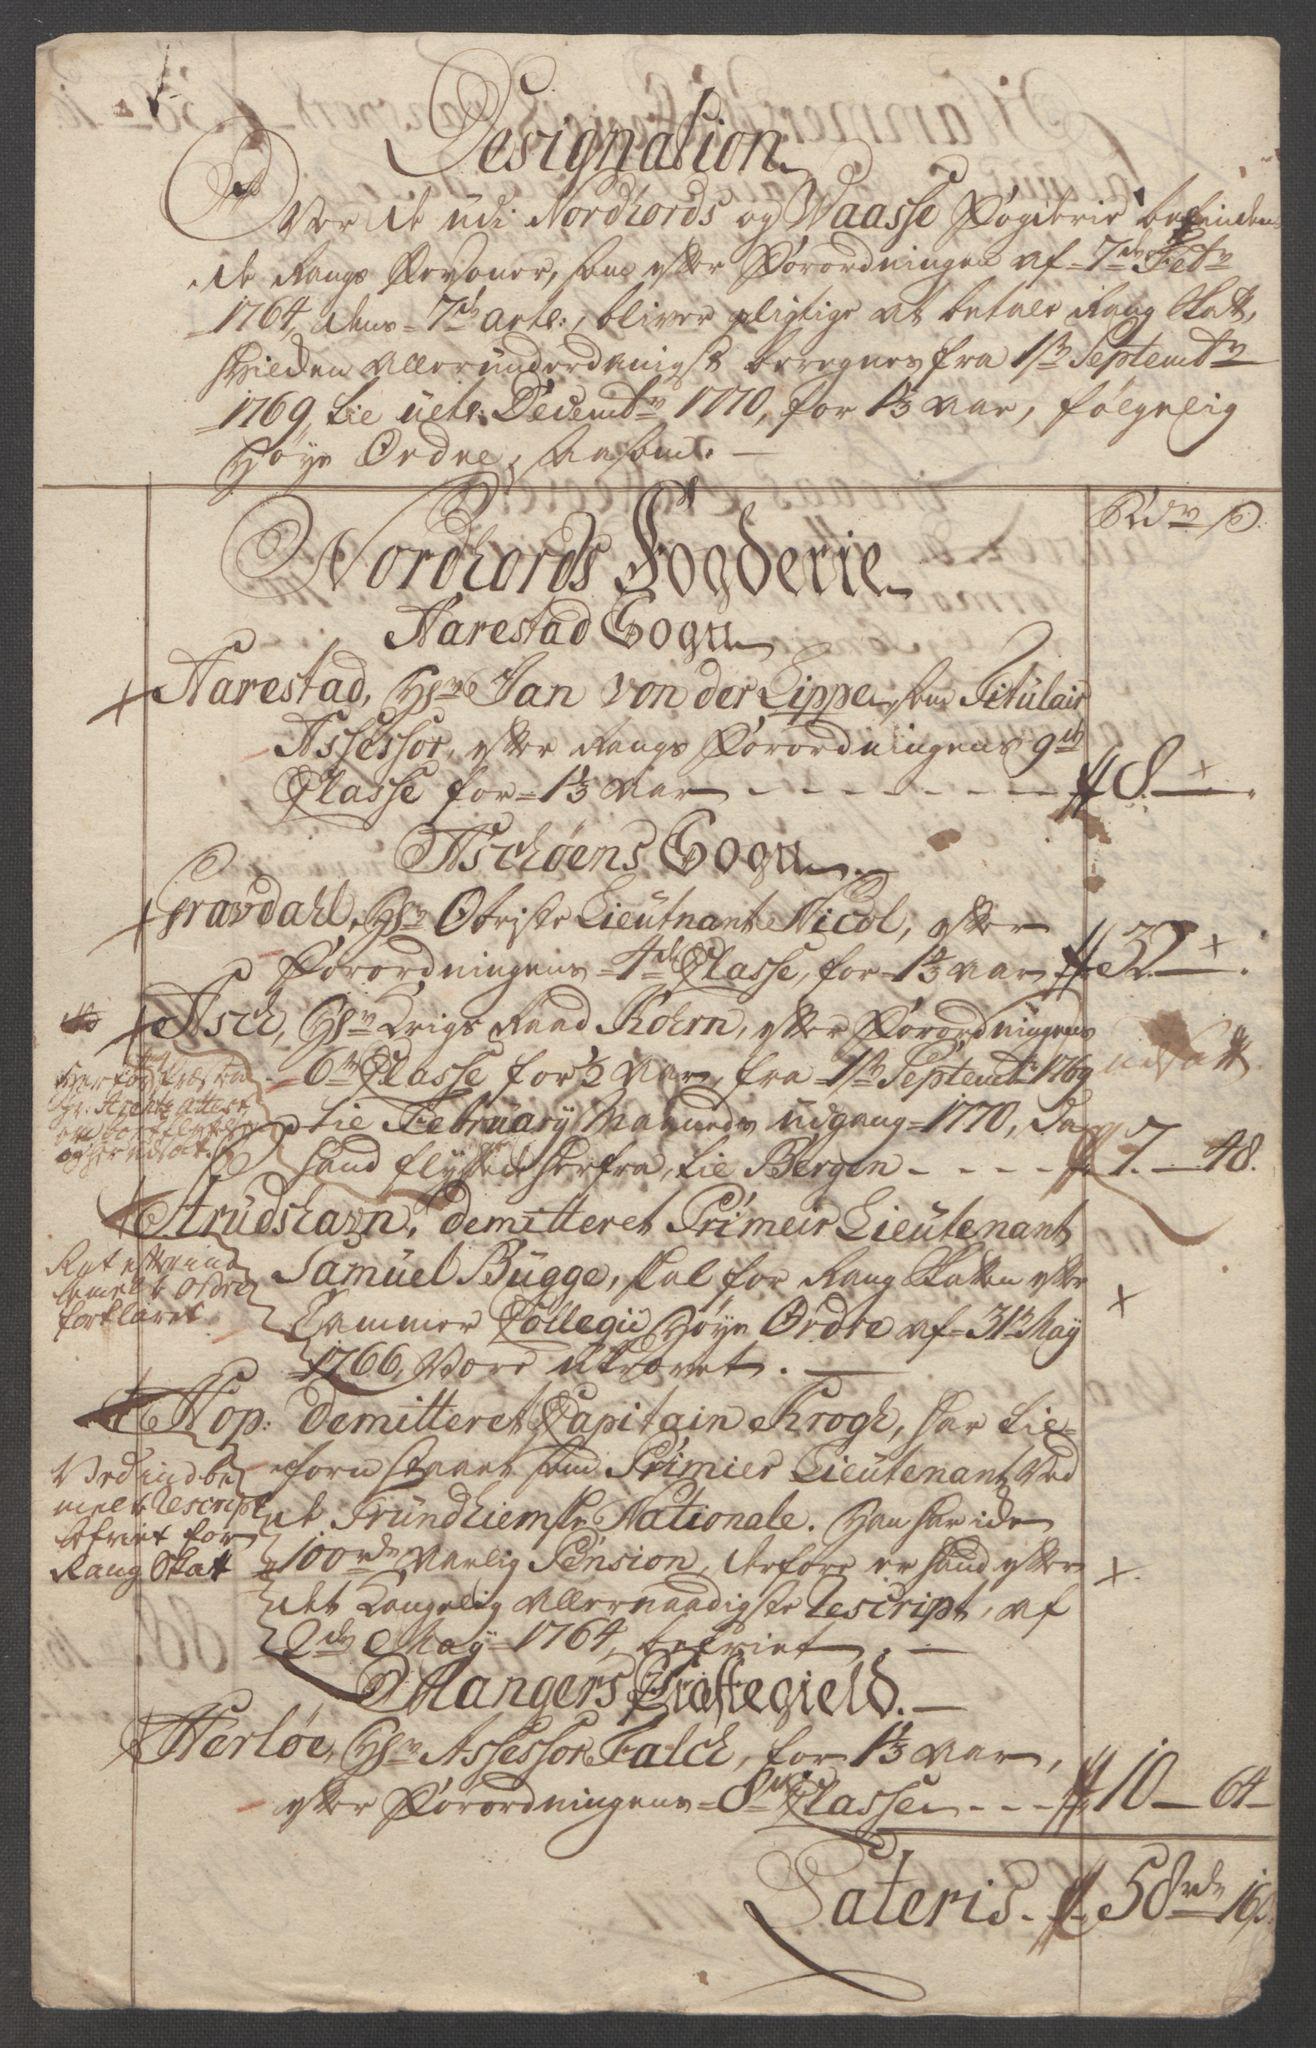 RA, Rentekammeret inntil 1814, Reviderte regnskaper, Fogderegnskap, R51/L3303: Ekstraskatten Nordhordland og Voss, 1762-1772, s. 402